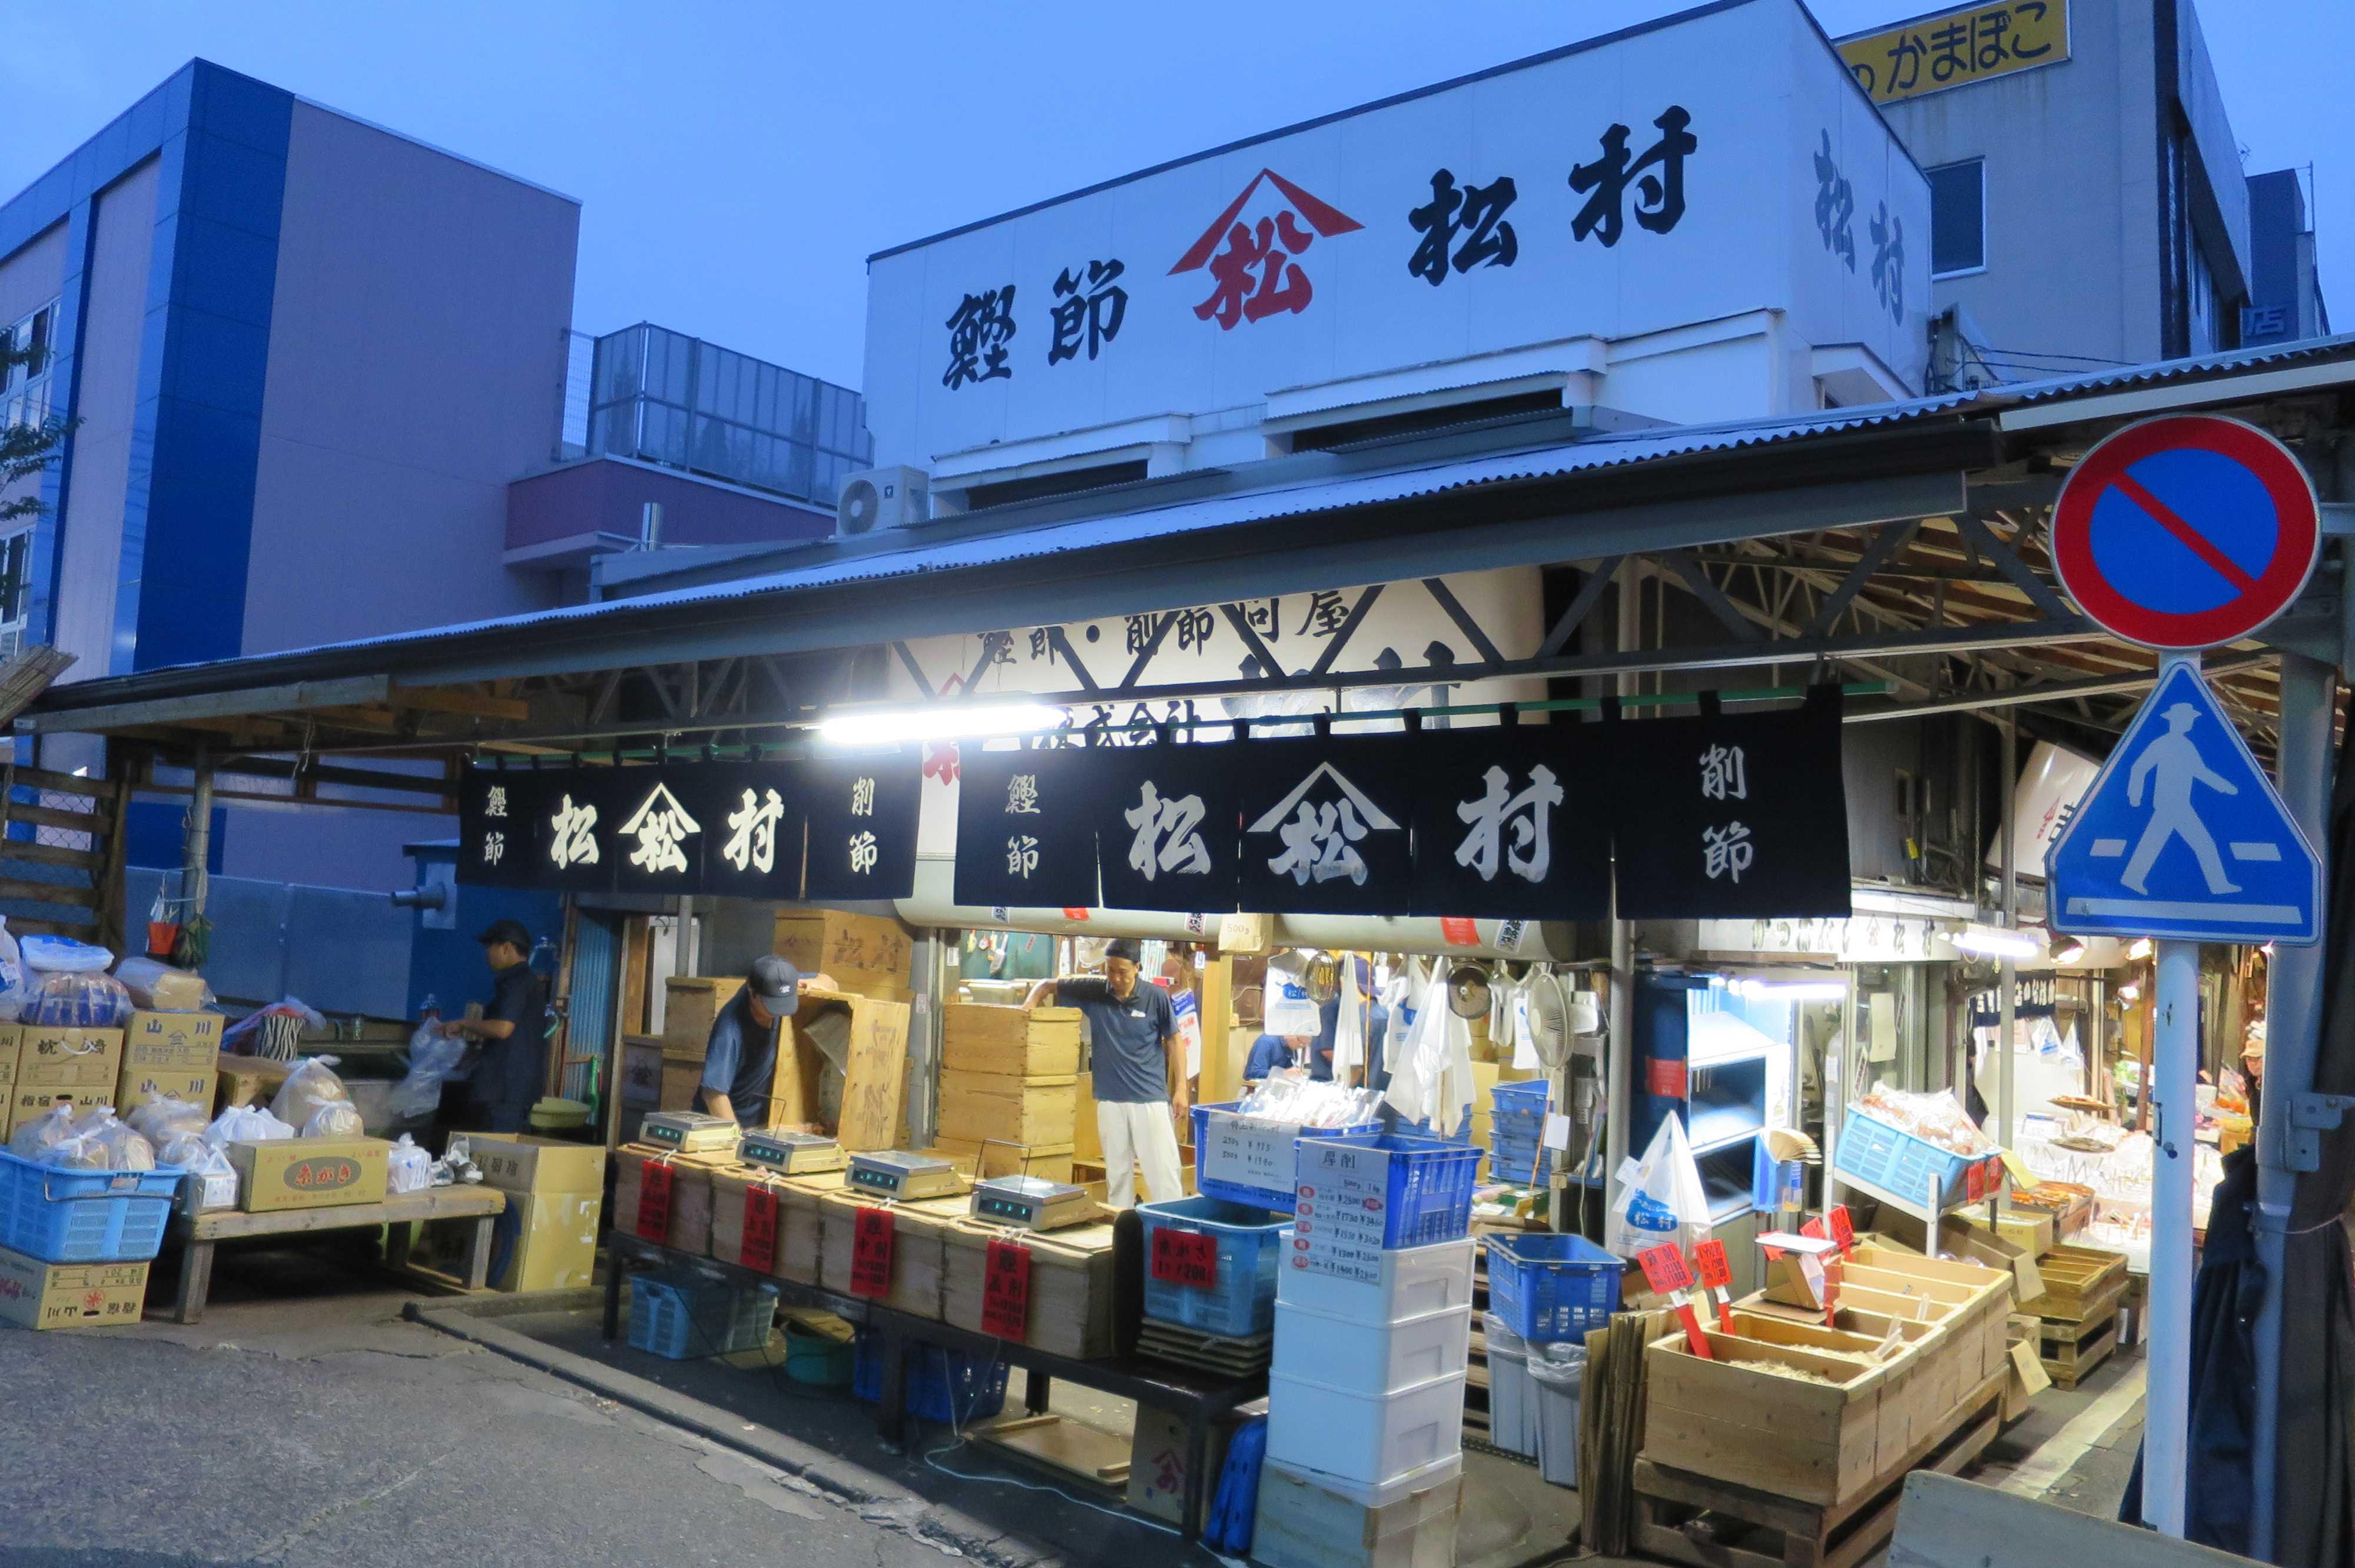 築地場外市場 - 鰹節店